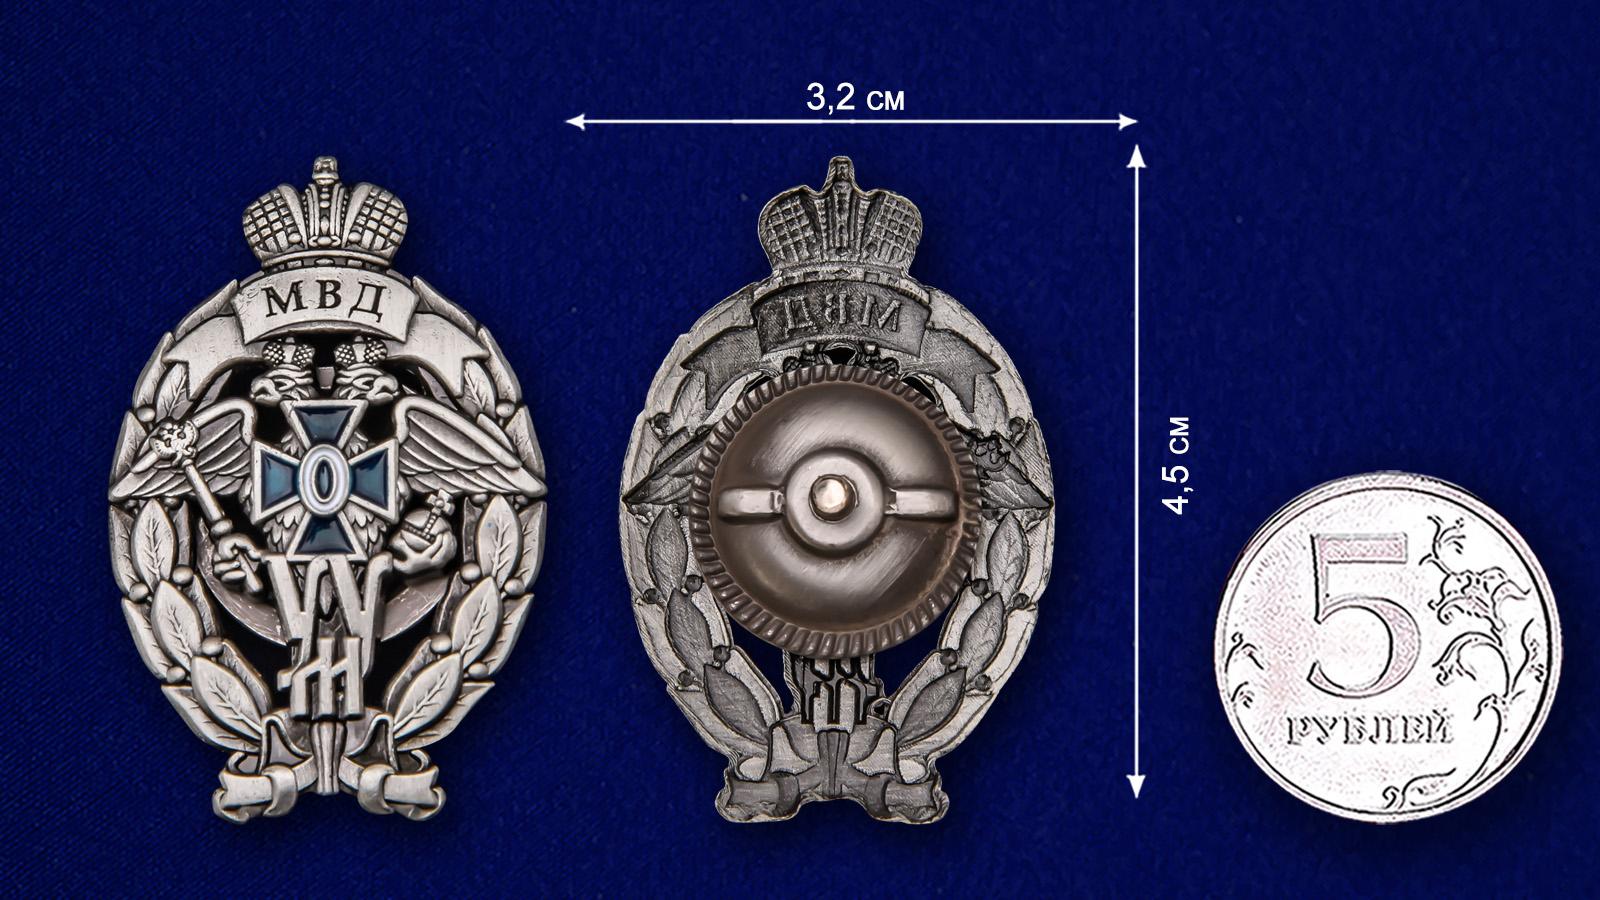 Нагрудный знак Лучший участковый уполномоченный полиции - сравнительный размер